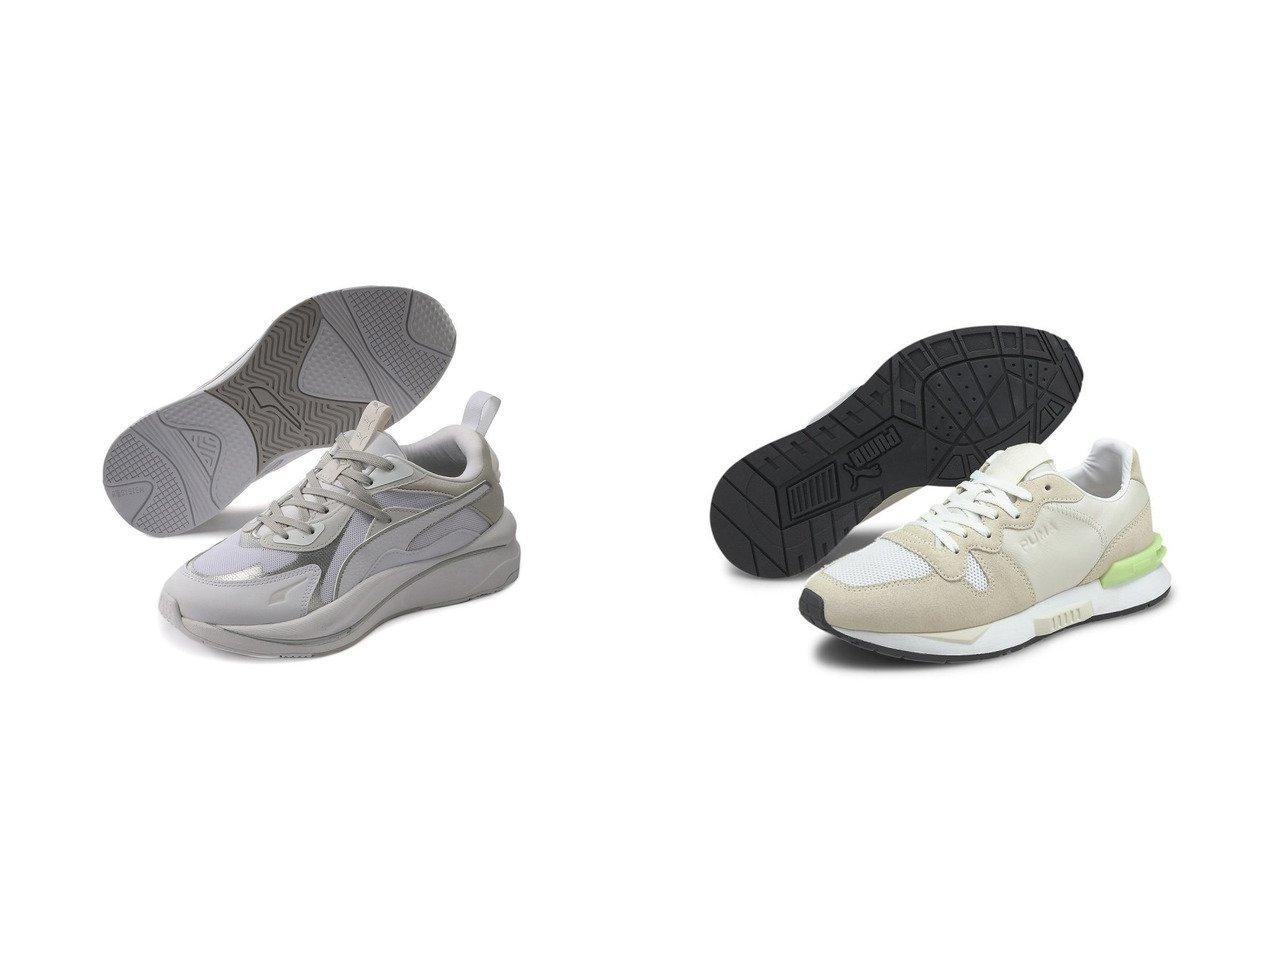 【PUMA/プーマ】のミラージュ モックス インフューズ ウィメンズ スニーカー&RS カーブ グロー ウィメンズ スニーカー 【シューズ・靴】おすすめ!人気、トレンド・レディースファッションの通販 おすすめで人気の流行・トレンド、ファッションの通販商品 メンズファッション・キッズファッション・インテリア・家具・レディースファッション・服の通販 founy(ファニー) https://founy.com/ ファッション Fashion レディースファッション WOMEN 2021年 2021 2021春夏・S/S SS/Spring/Summer/2021 S/S・春夏 SS・Spring/Summer シューズ シンプル スニーカー スリッポン 春 Spring |ID:crp329100000031451